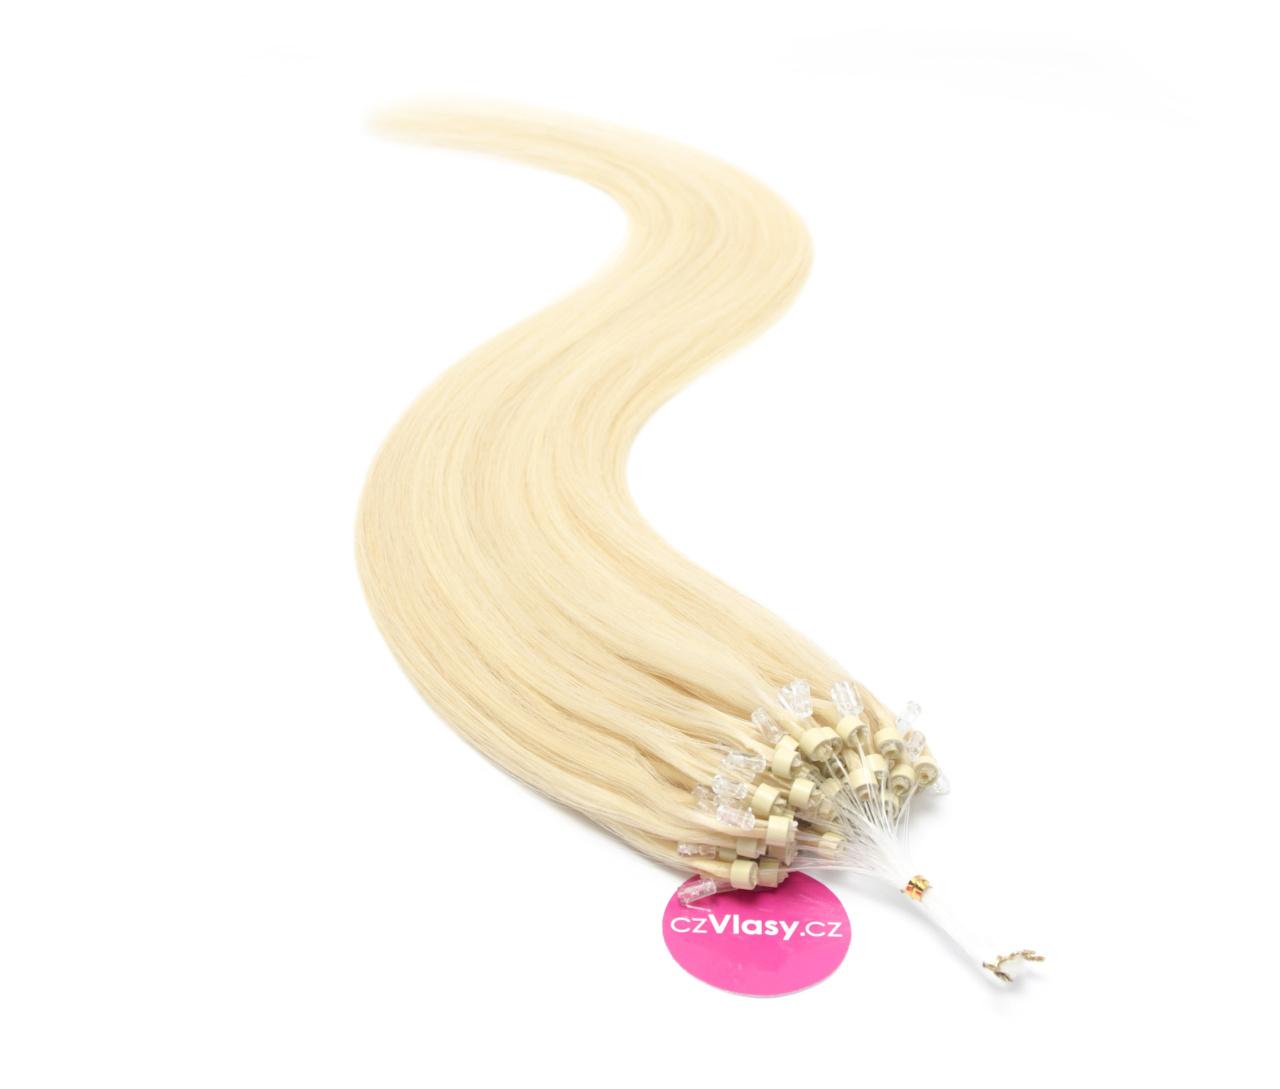 Indické vlasy na metodu micro-ring odstín 613 Délka: 60 cm, Hmotnost: 1 g/pramínek, REMY